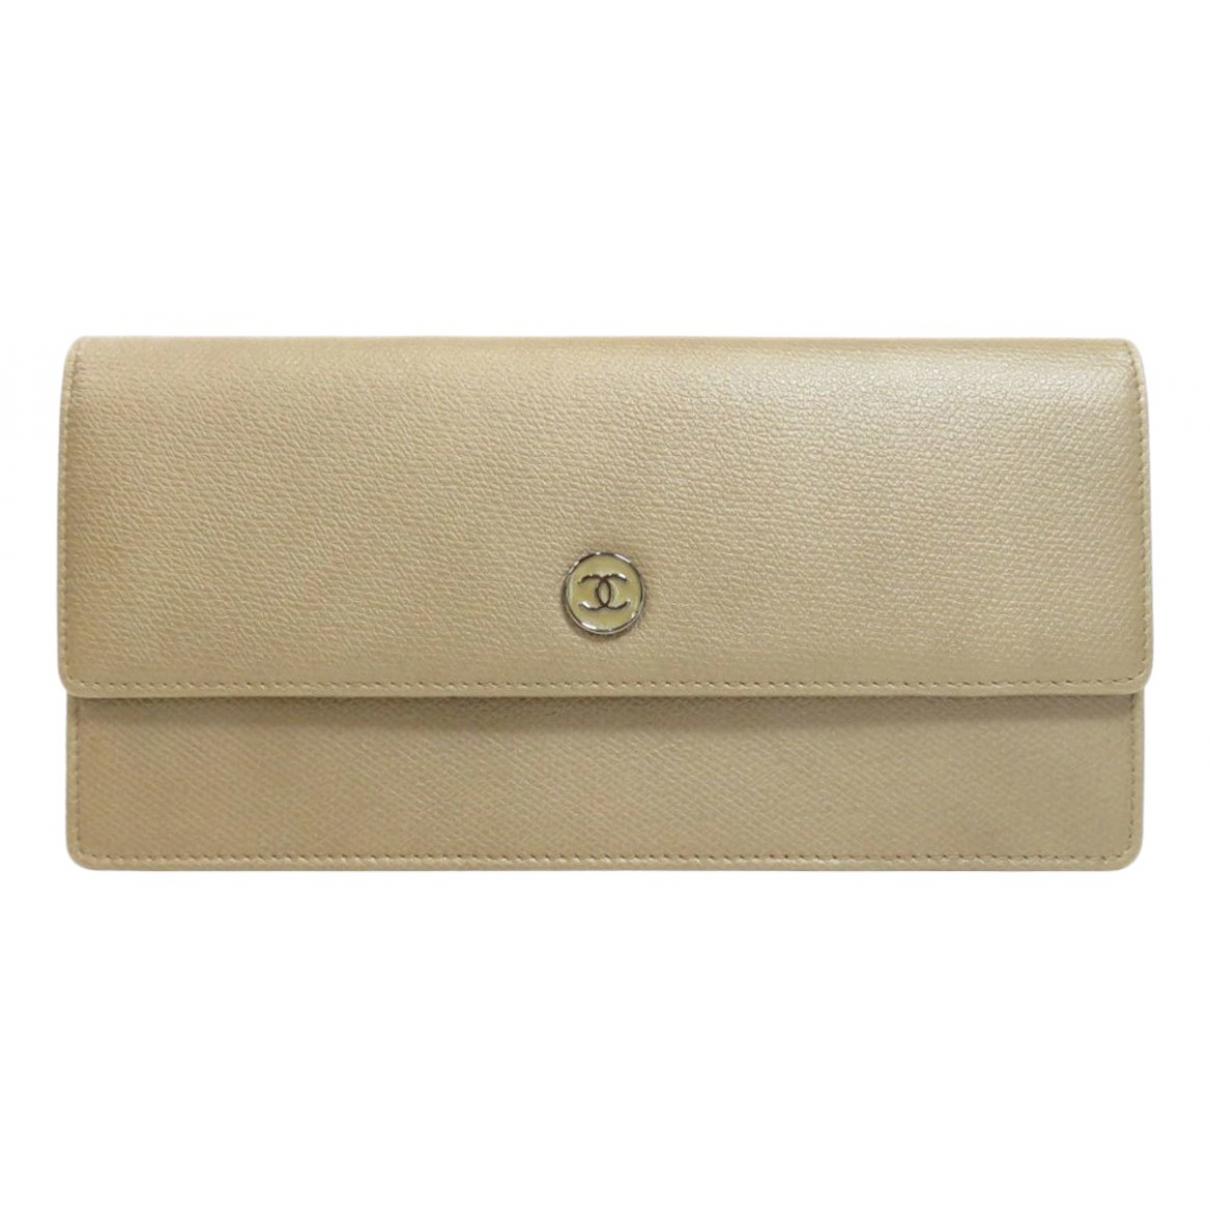 Chanel - Portefeuille   pour femme en cuir - dore